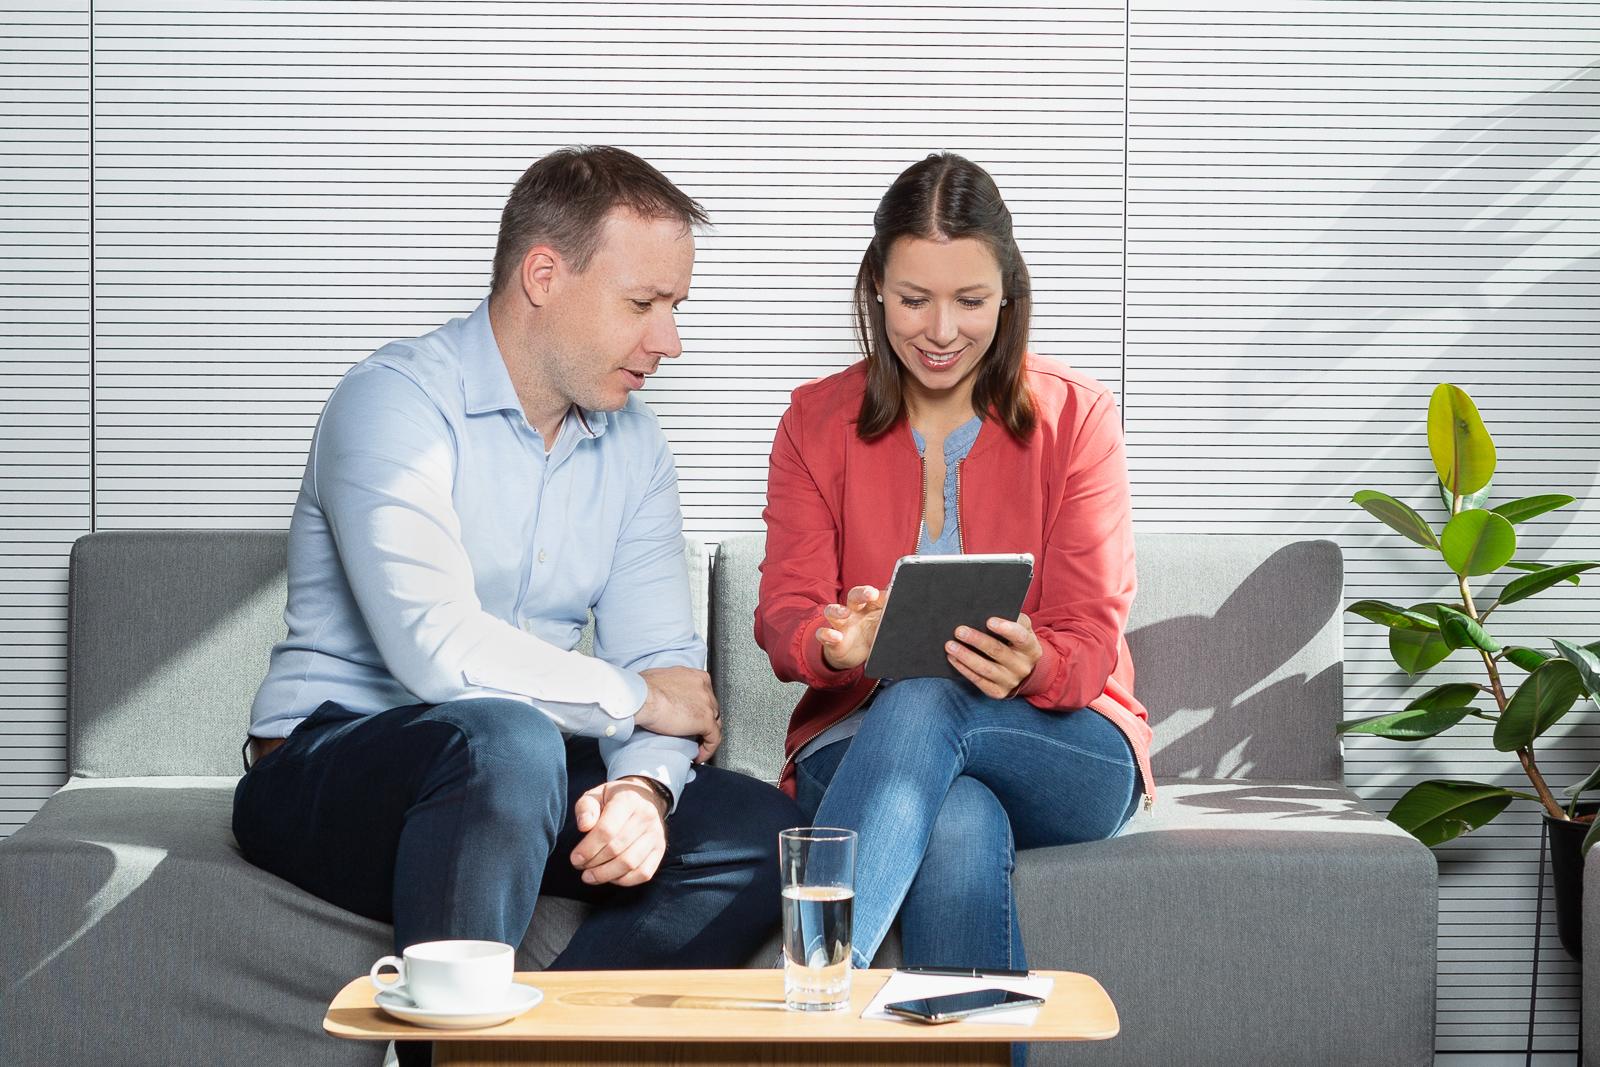 Die beiden Gründer sitzen auf einem Sofa und schauen sich zusammen Inhalte auf dem Tablet an.